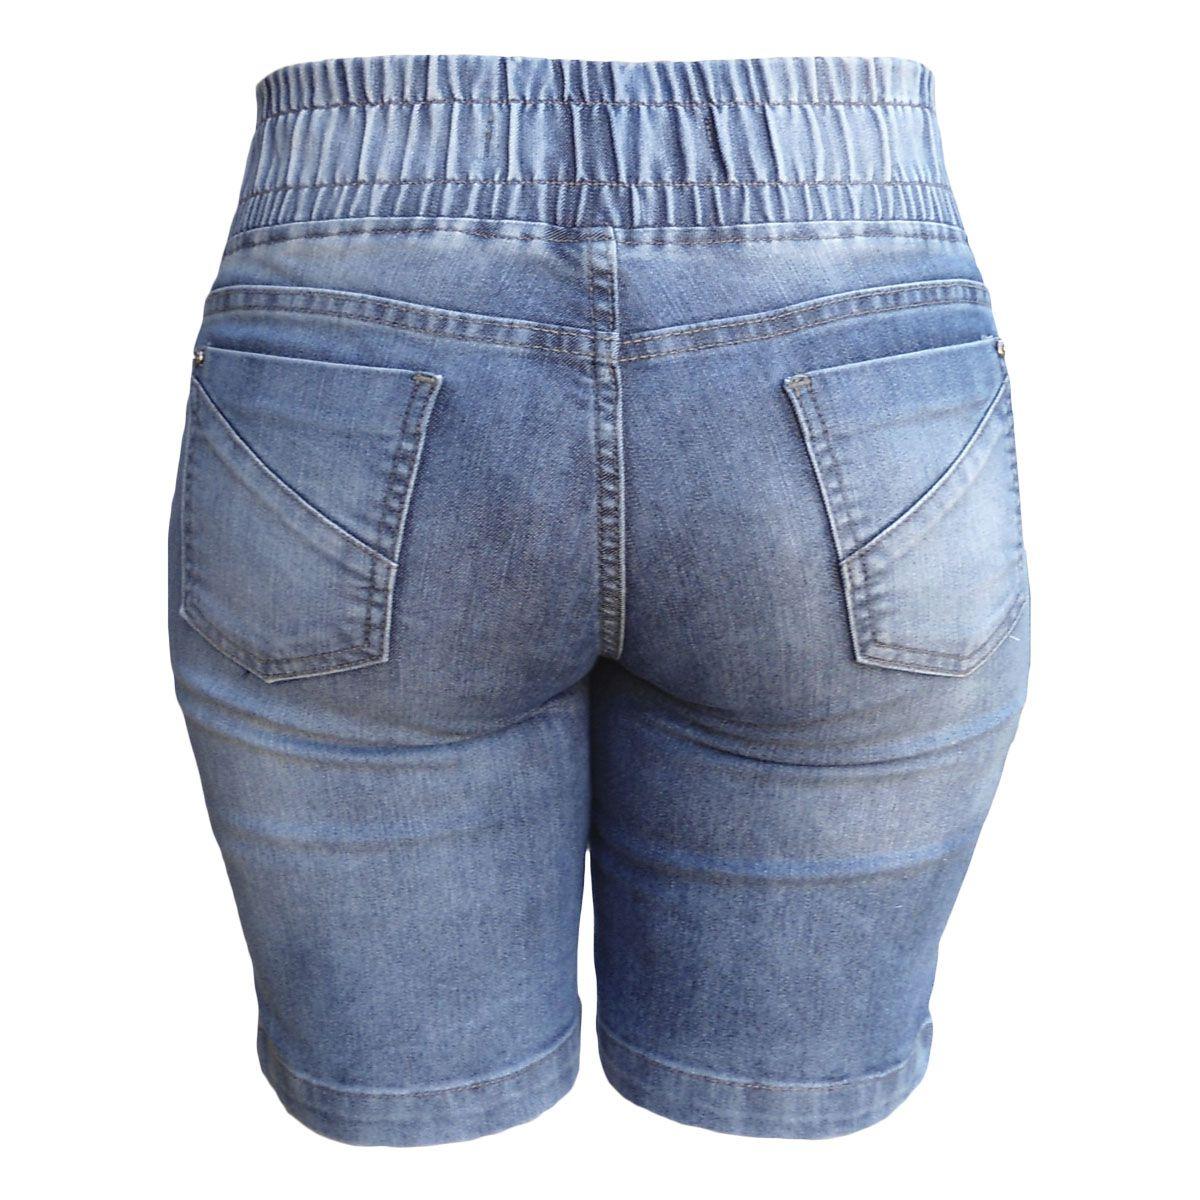 Bermuda Jeans Sky C/ Elástico No Cós Traseiro Tamanho 38